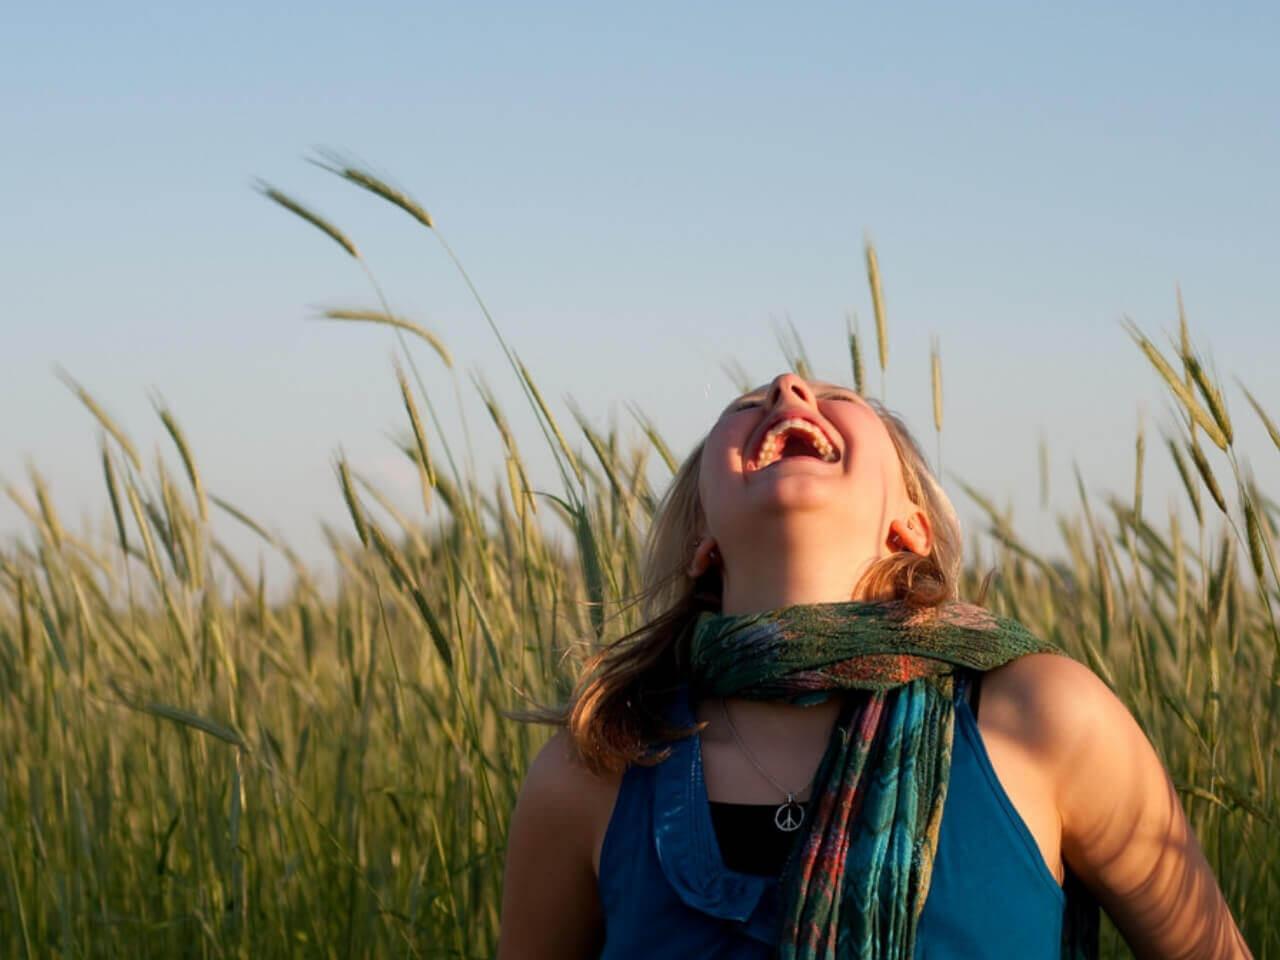 上を向いて大笑いする女性